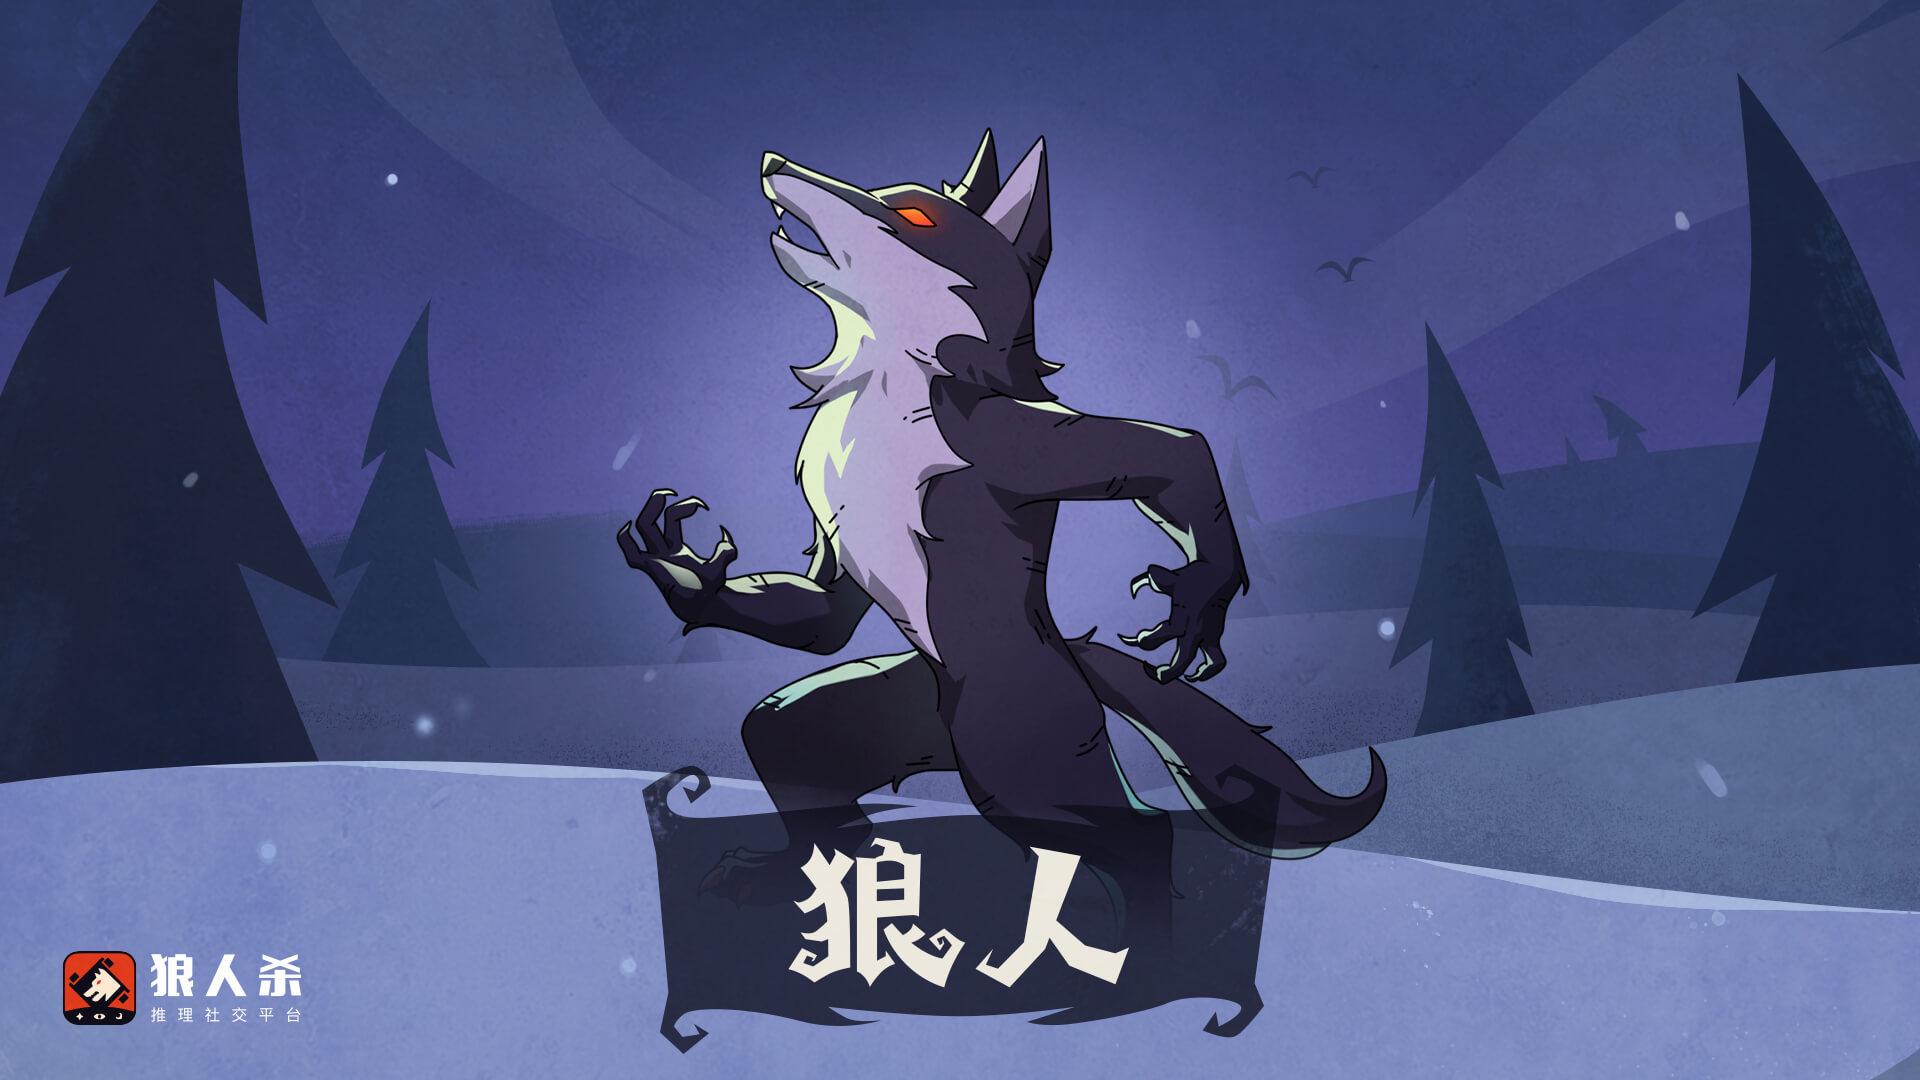 狼人杀狼人怎么玩